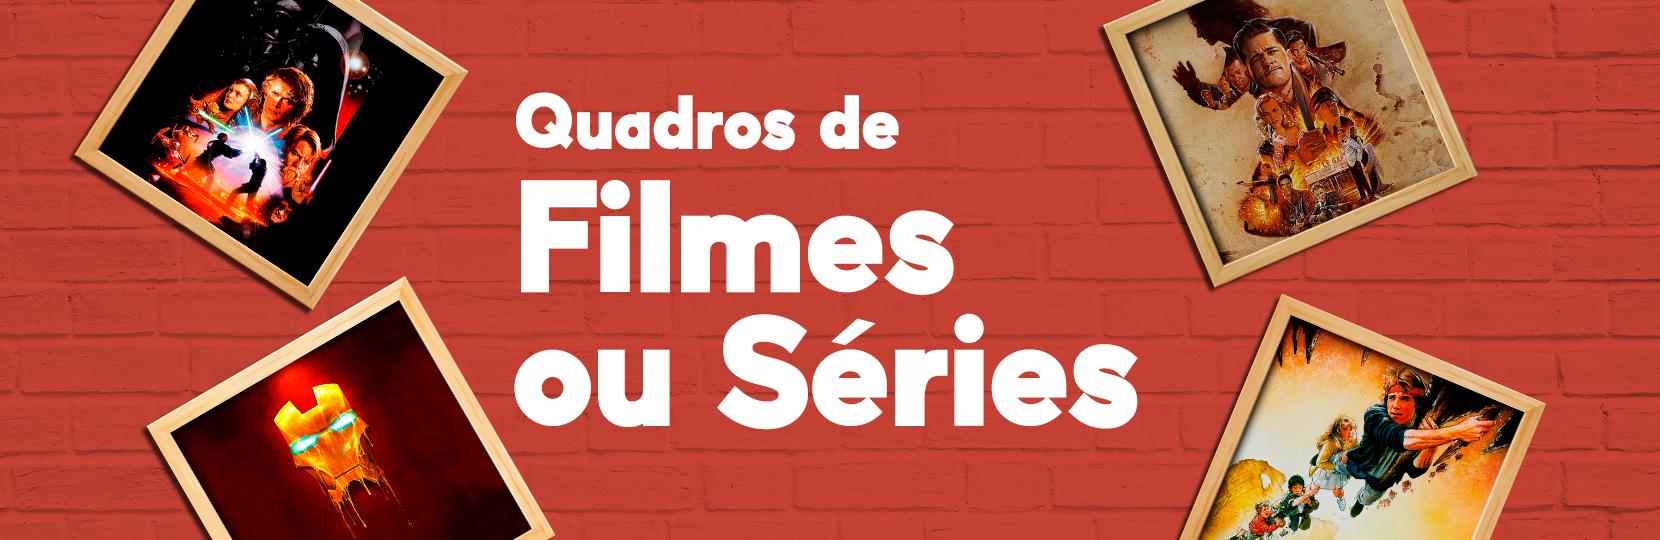 Quadros de Filmes e Series